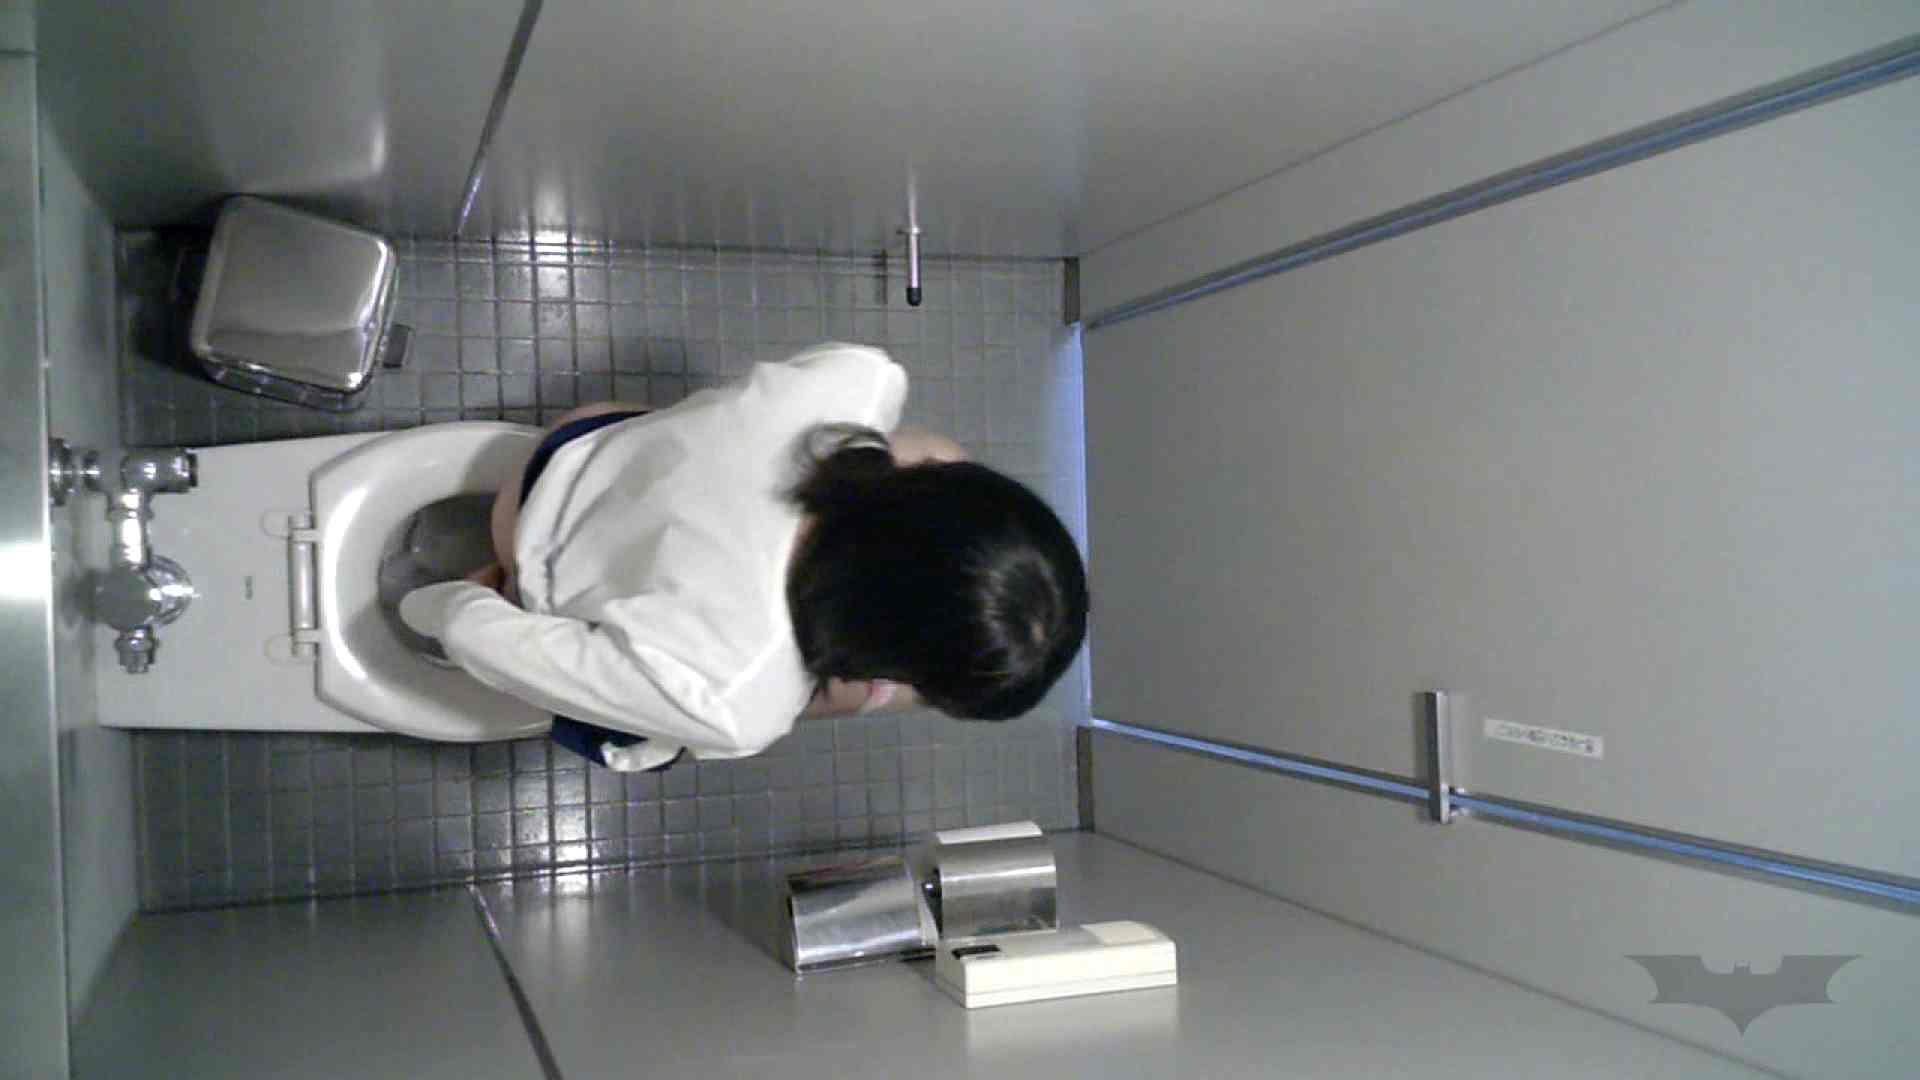 有名大学女性洗面所 vol.36 すっごい「ほじって」ます。 投稿 のぞき 54PIX 15